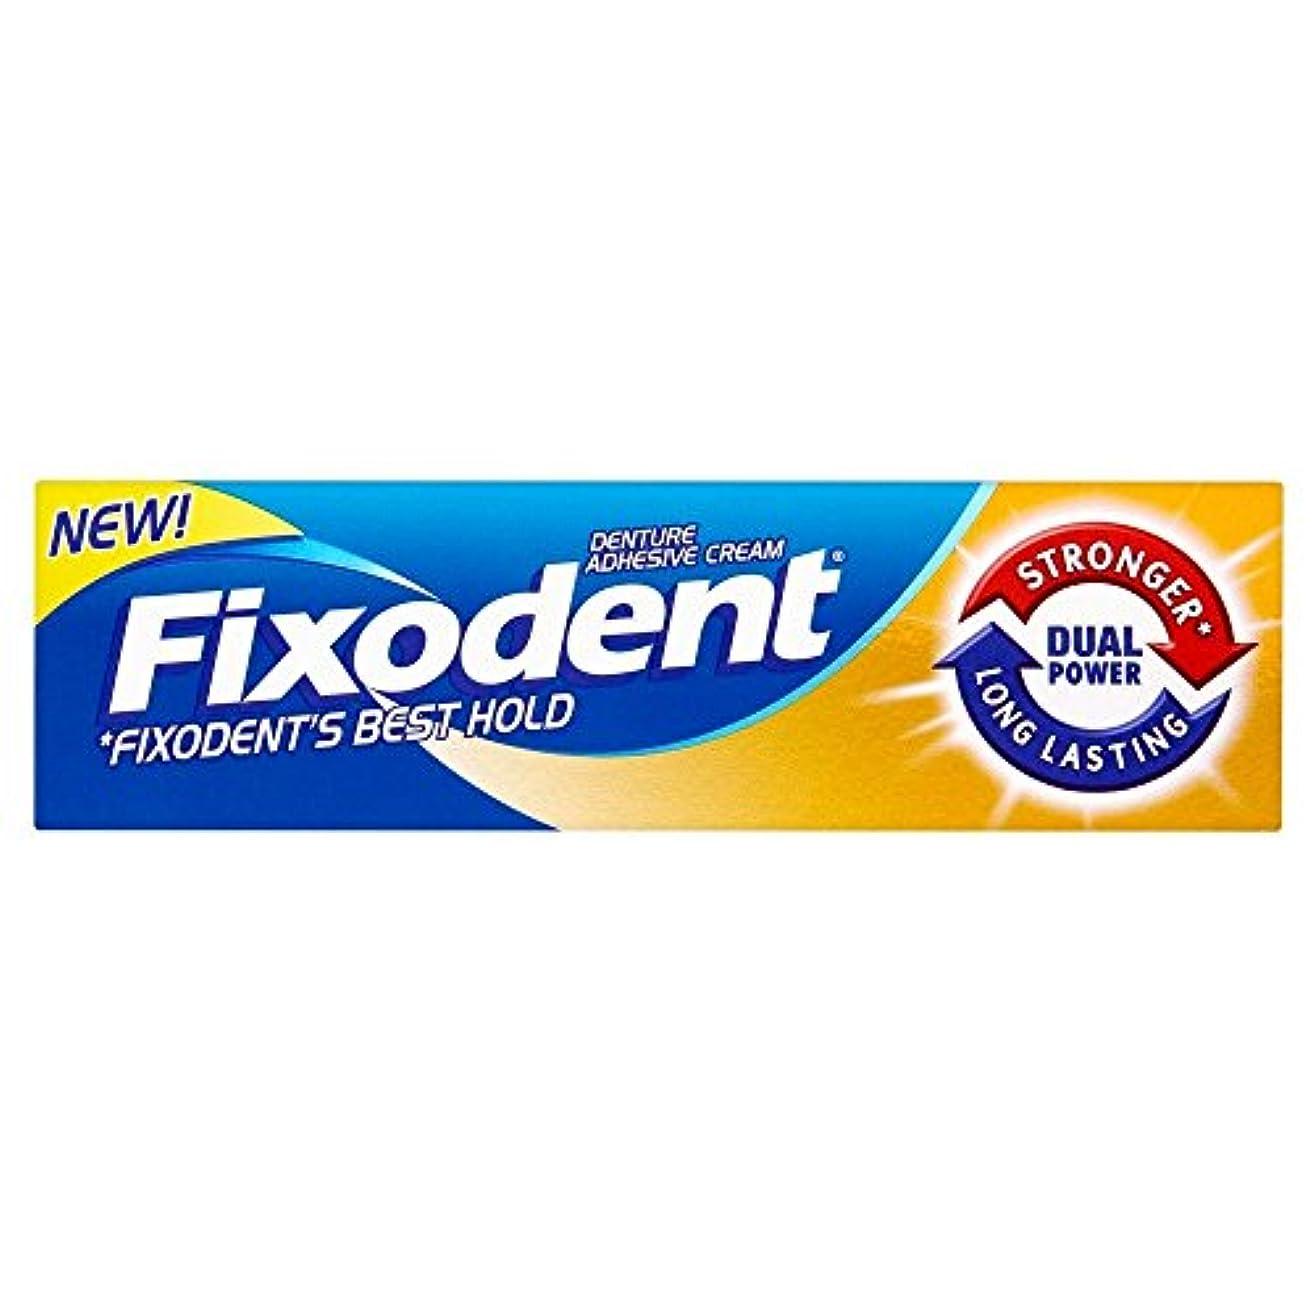 手術不規則性宗教的なFixodent Denture Adhesive Cream Dual Power (35ml) Fixodent義歯接着剤クリームデュアルパワー( 35ミリリットル) [並行輸入品]